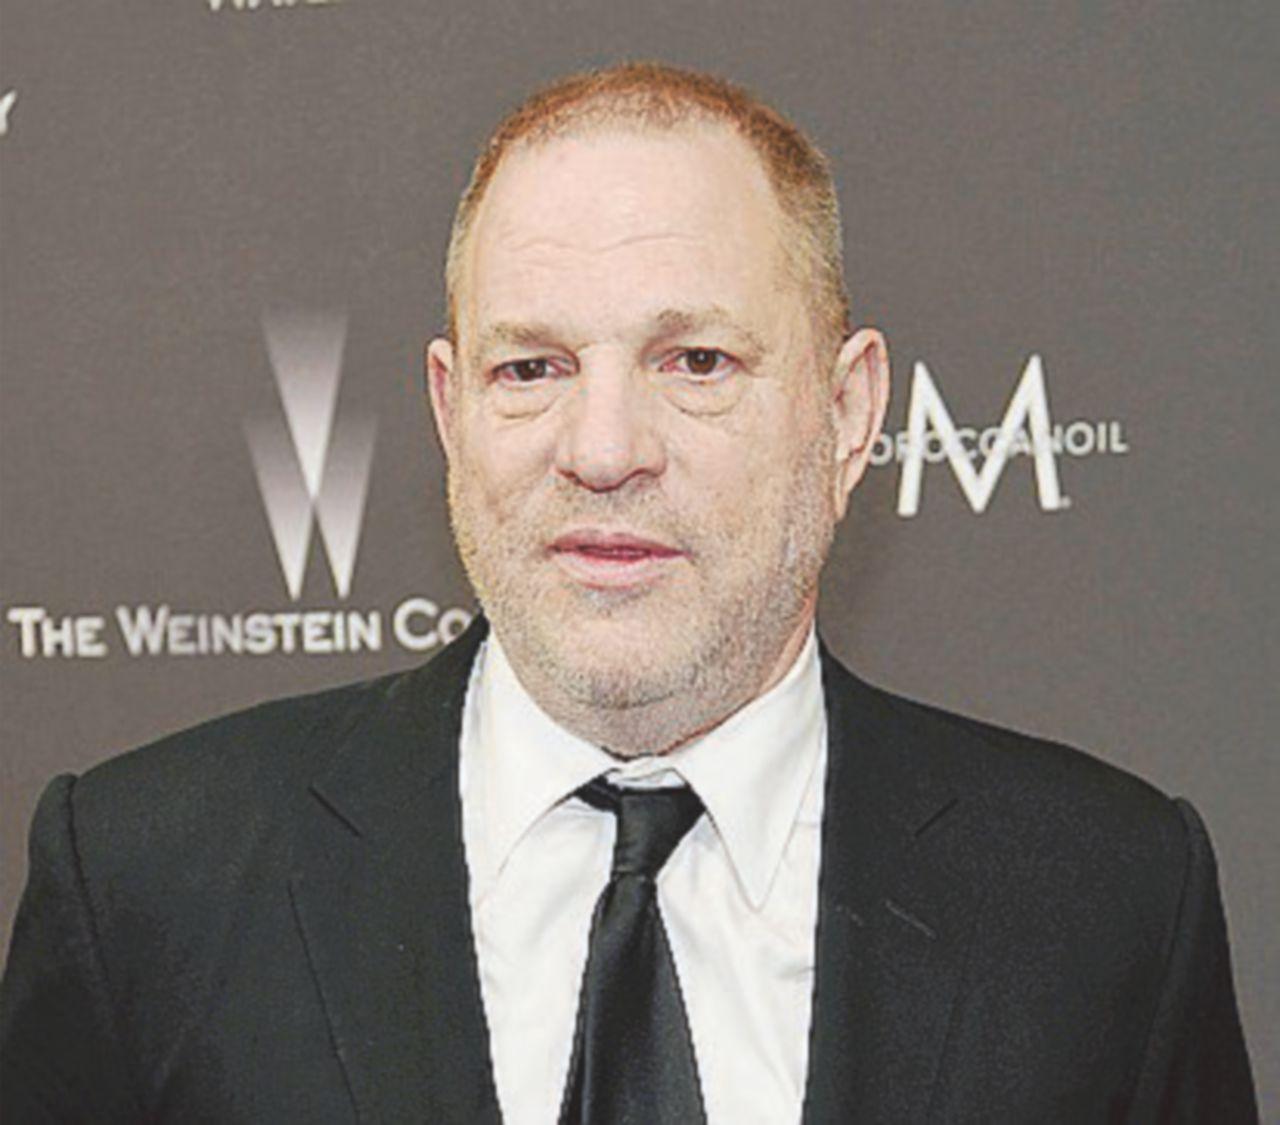 Un acquirente per la Weinstein: la società in bancarotta al fondo Lantern per 500 milioni